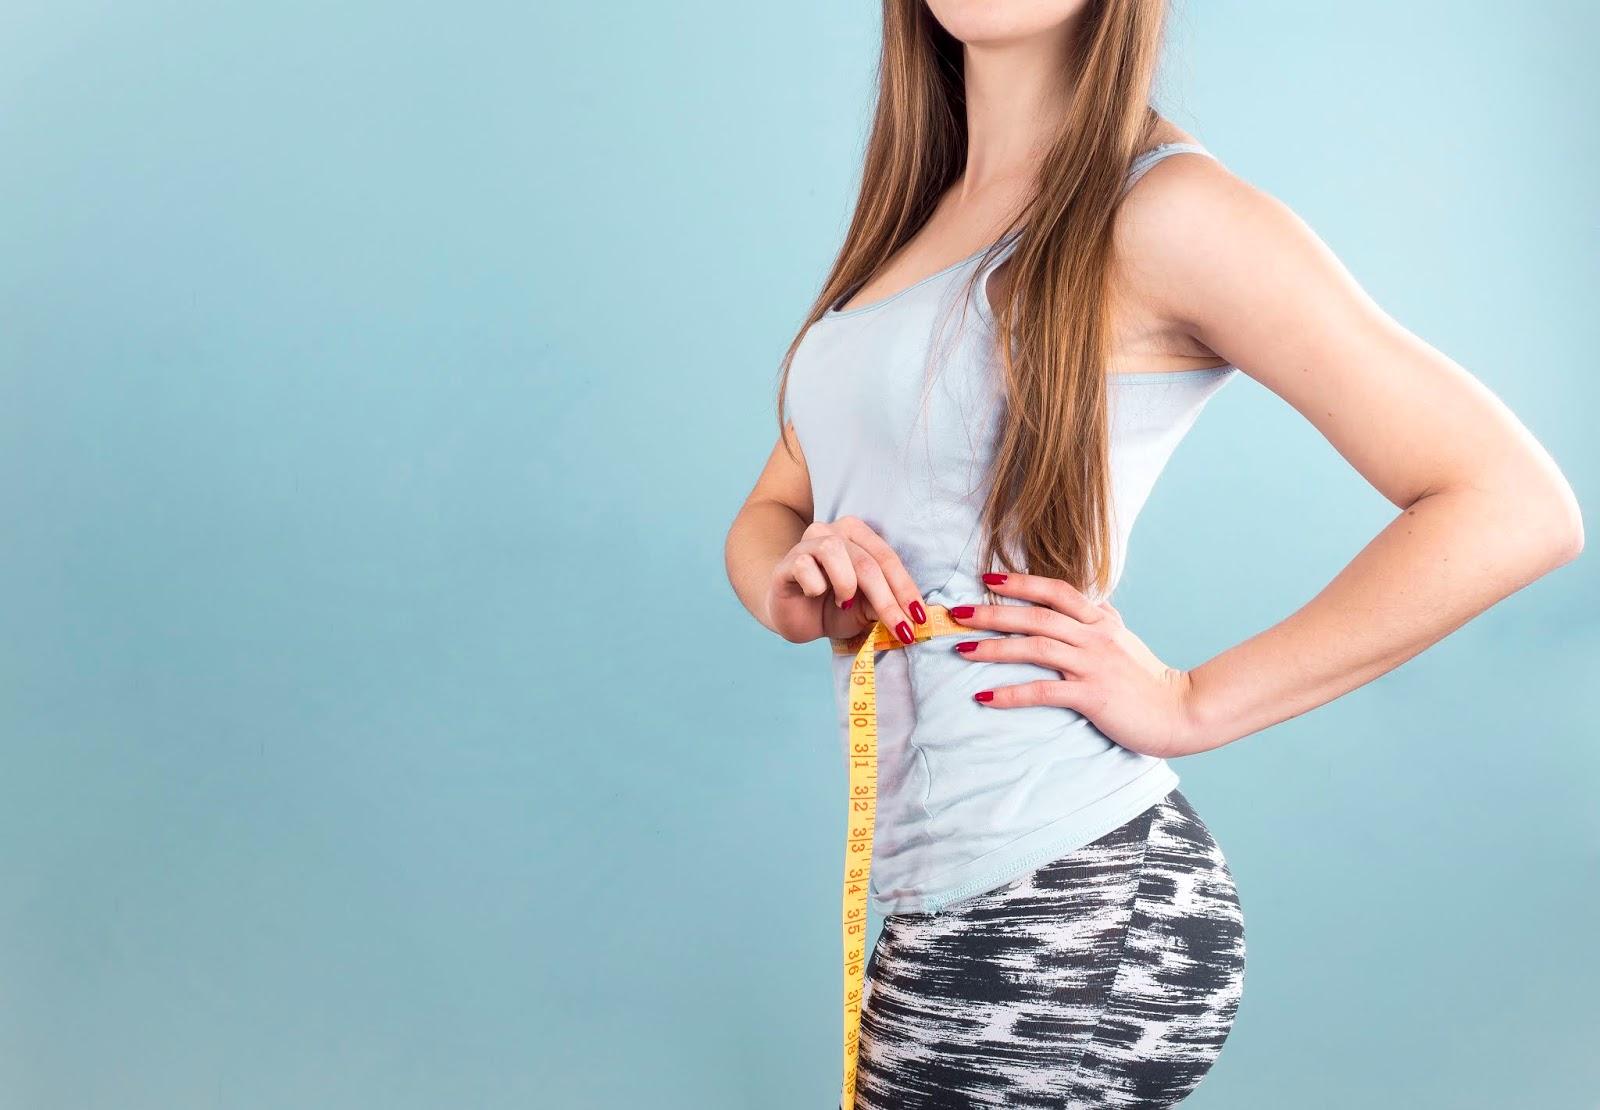 Dieta%2BAs%2BMelhores%2BDicas%2Bpara%2BPermanecer%2BFirme%2521%2B%25282%2529 - Dieta: As Melhores Dicas para Permanecer Firme!